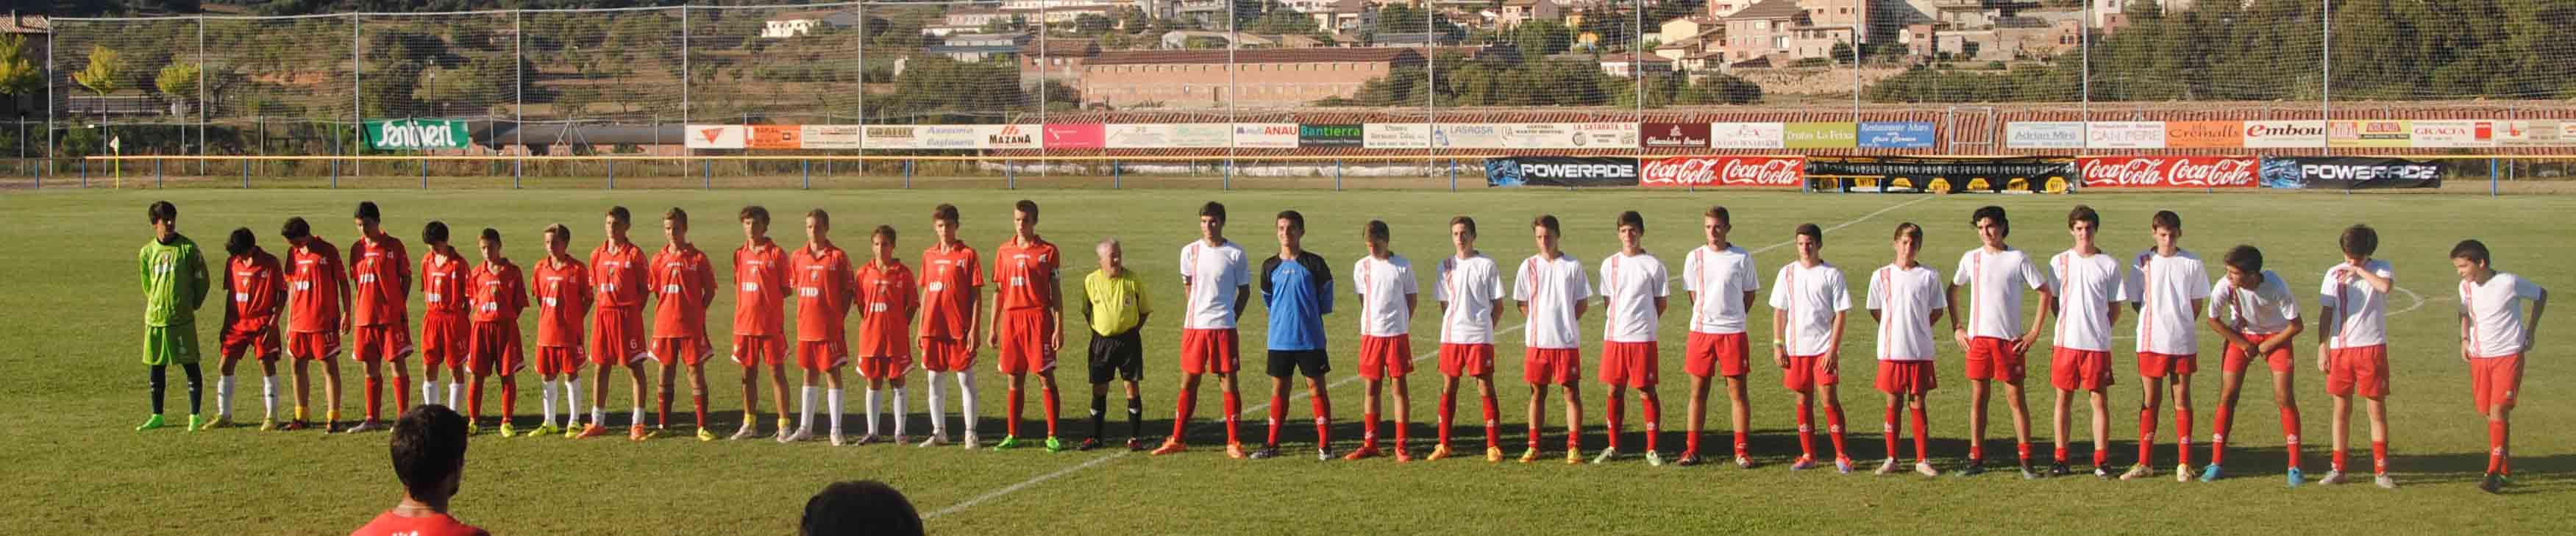 Mundialito de Fútbol